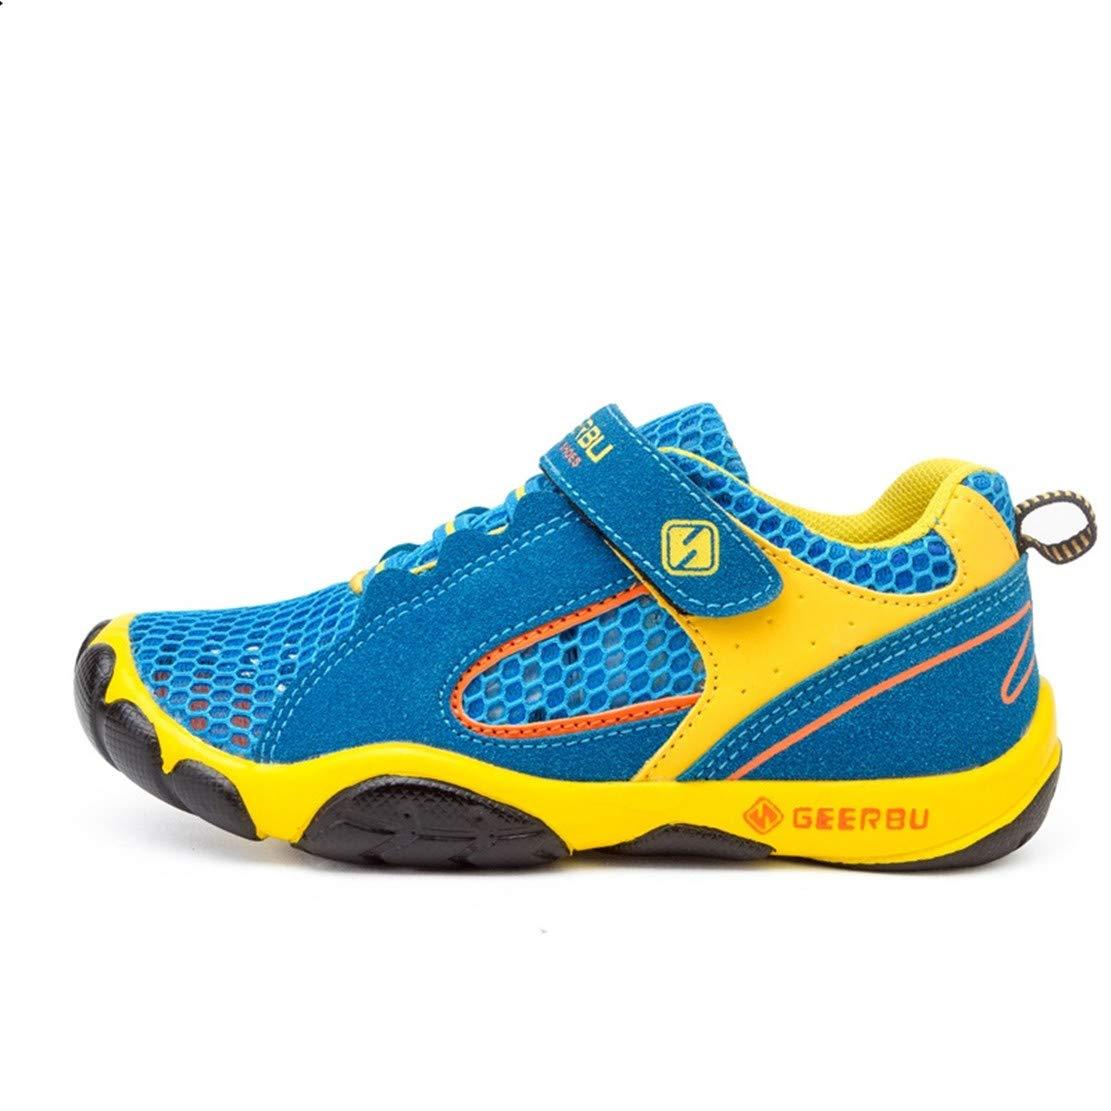 Unpowlink Kinder Schuhe Sportschuhe Ultraleicht Atmungsaktiv Turnschuhe Klettverschluss Low-Top Sneakers Laufen Schuhe Laufschuhe f/ür M/ädchen Jungen 28-40